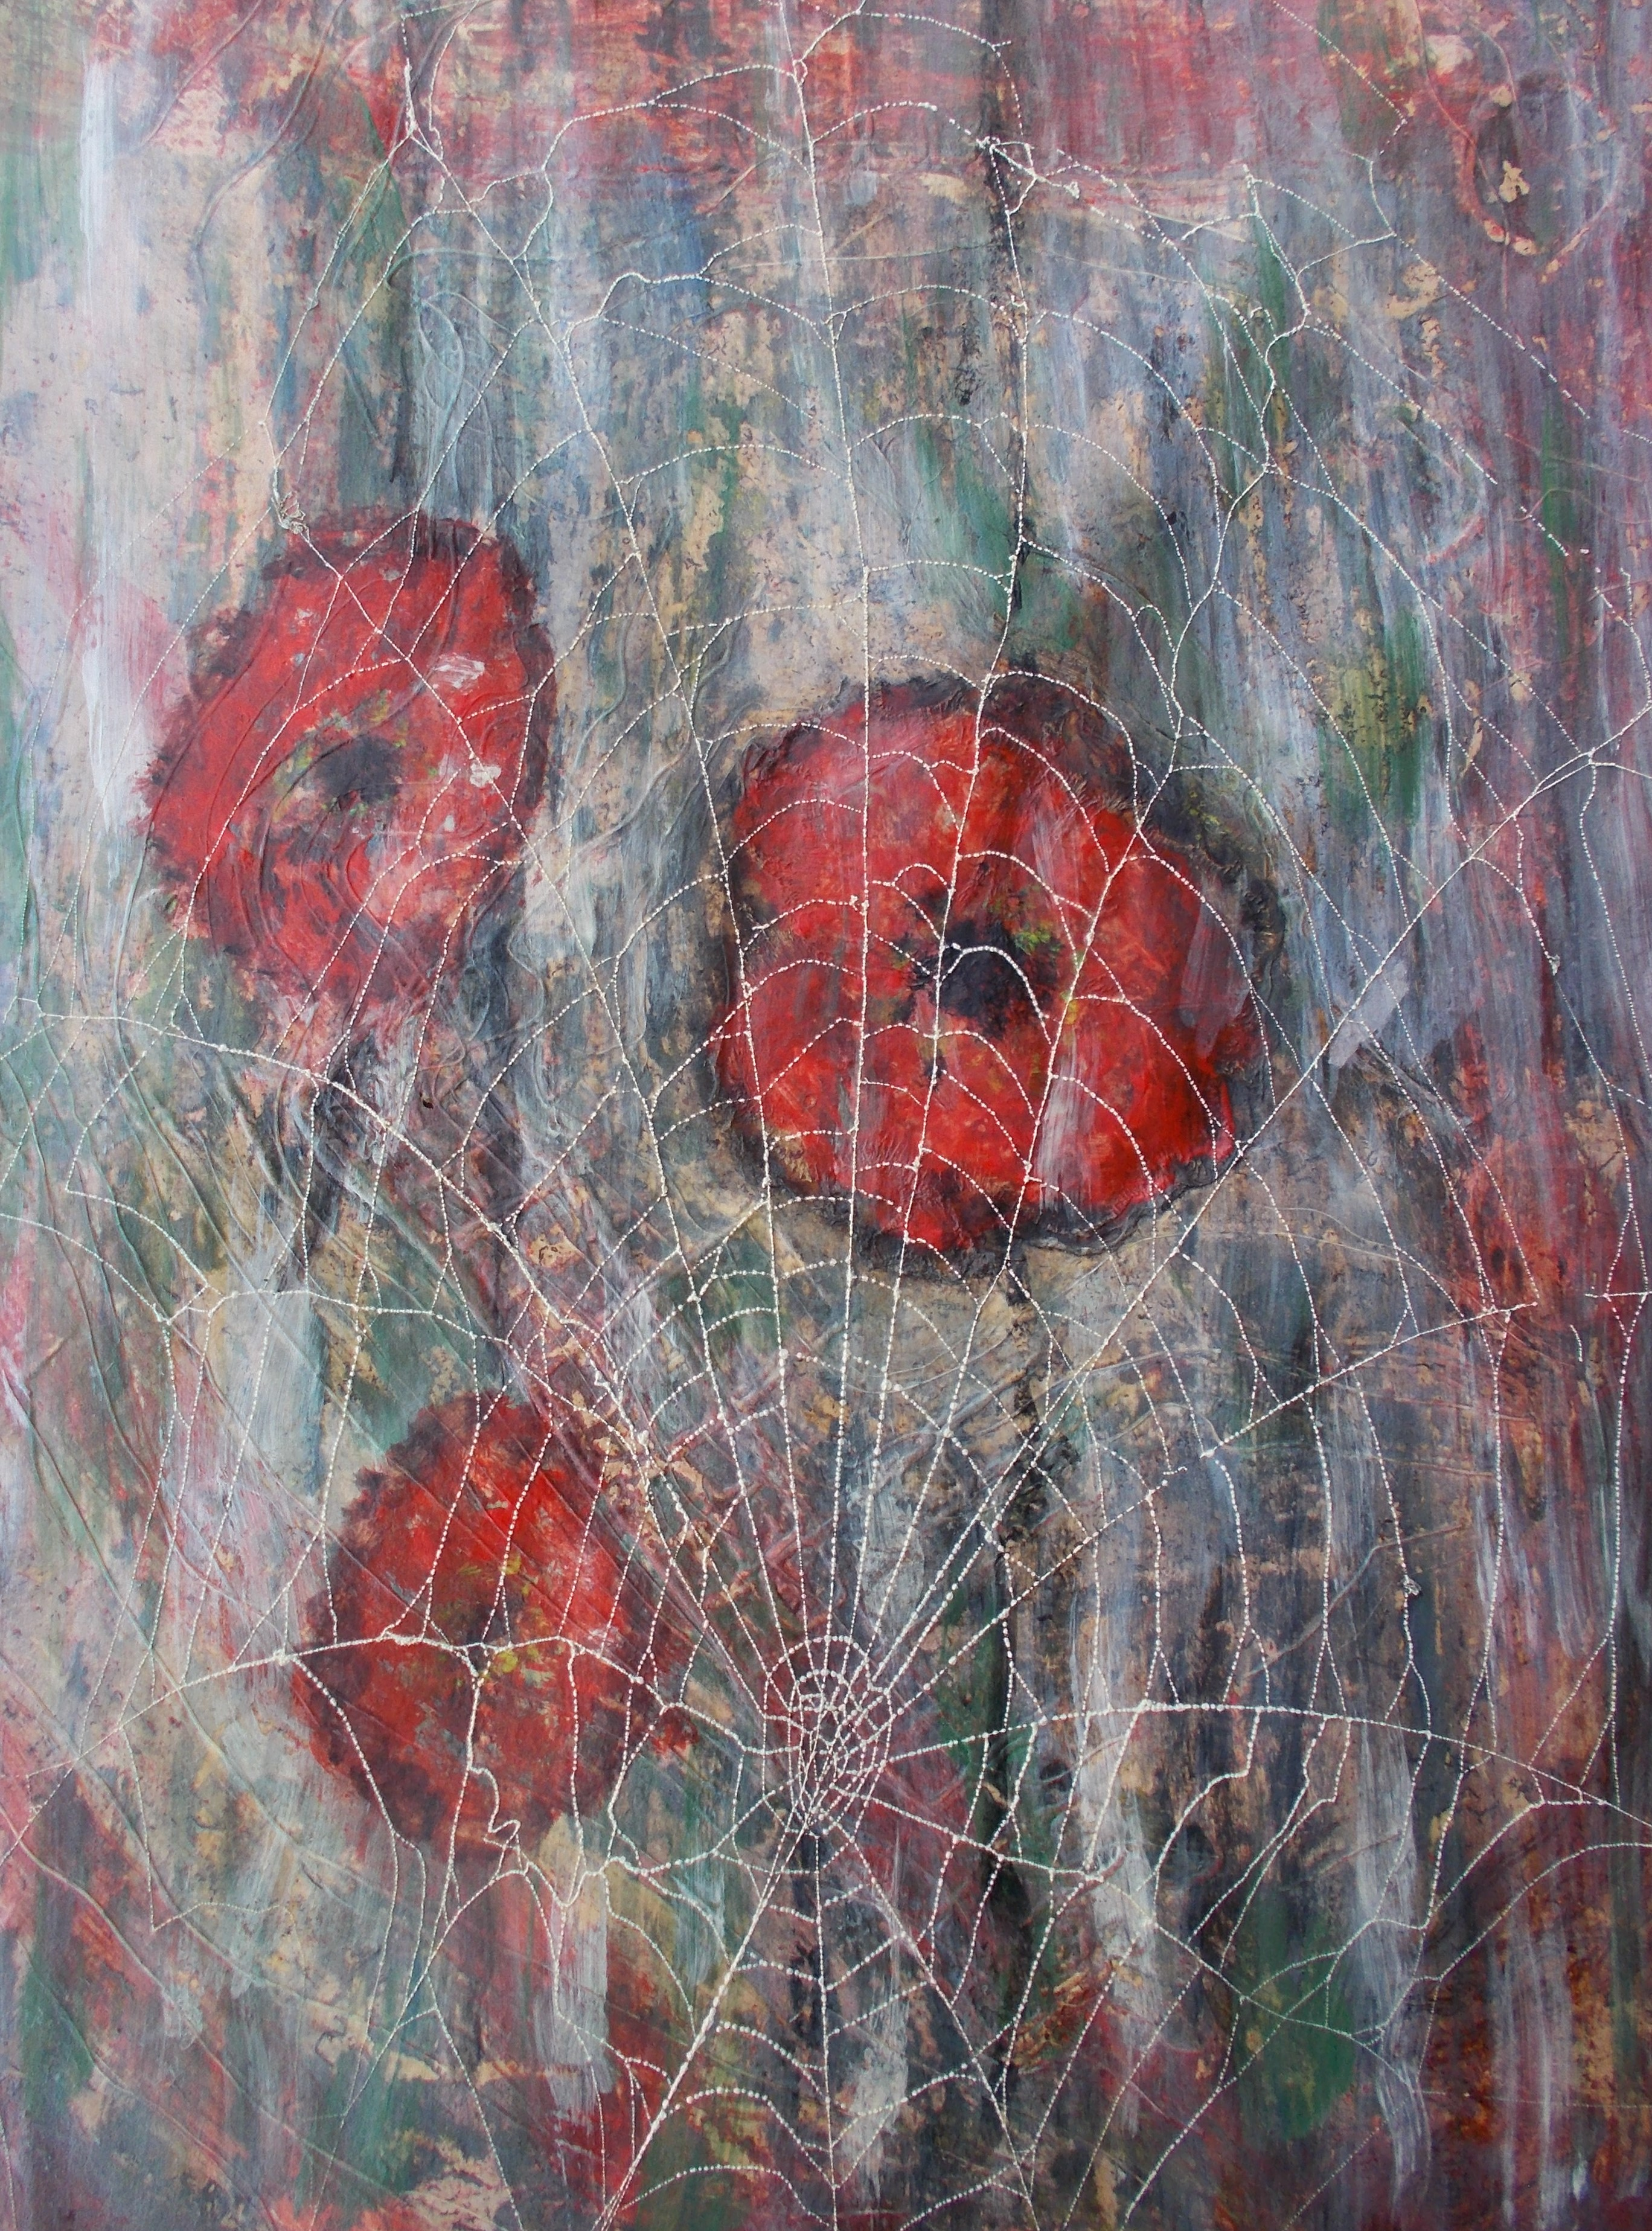 Sommer 40*50 Hintergrund gemalt, Blumen aus gekochten Rettich